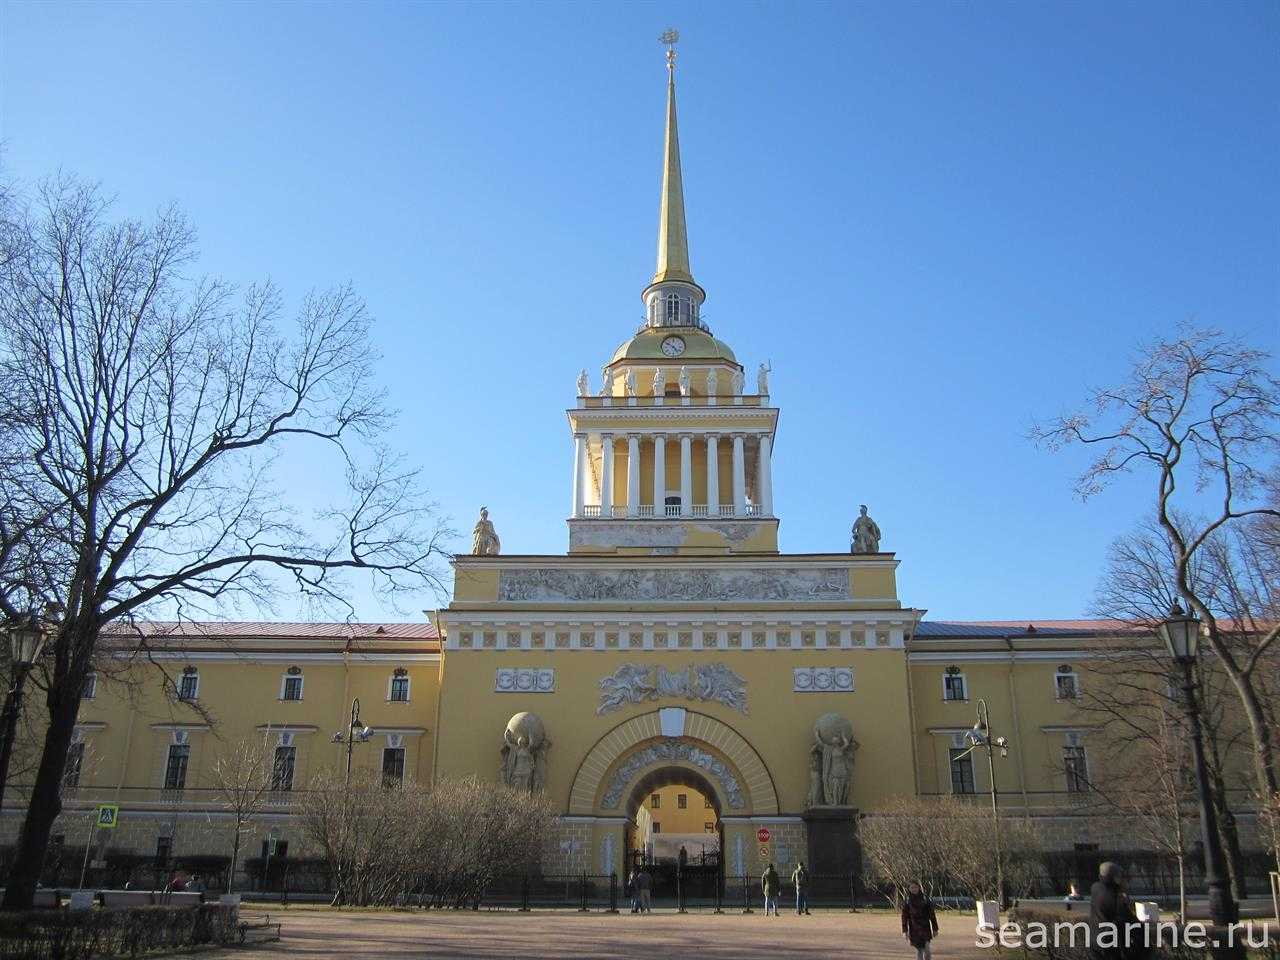 Путешествие в Санкт-Петербург. Адмиралтейство